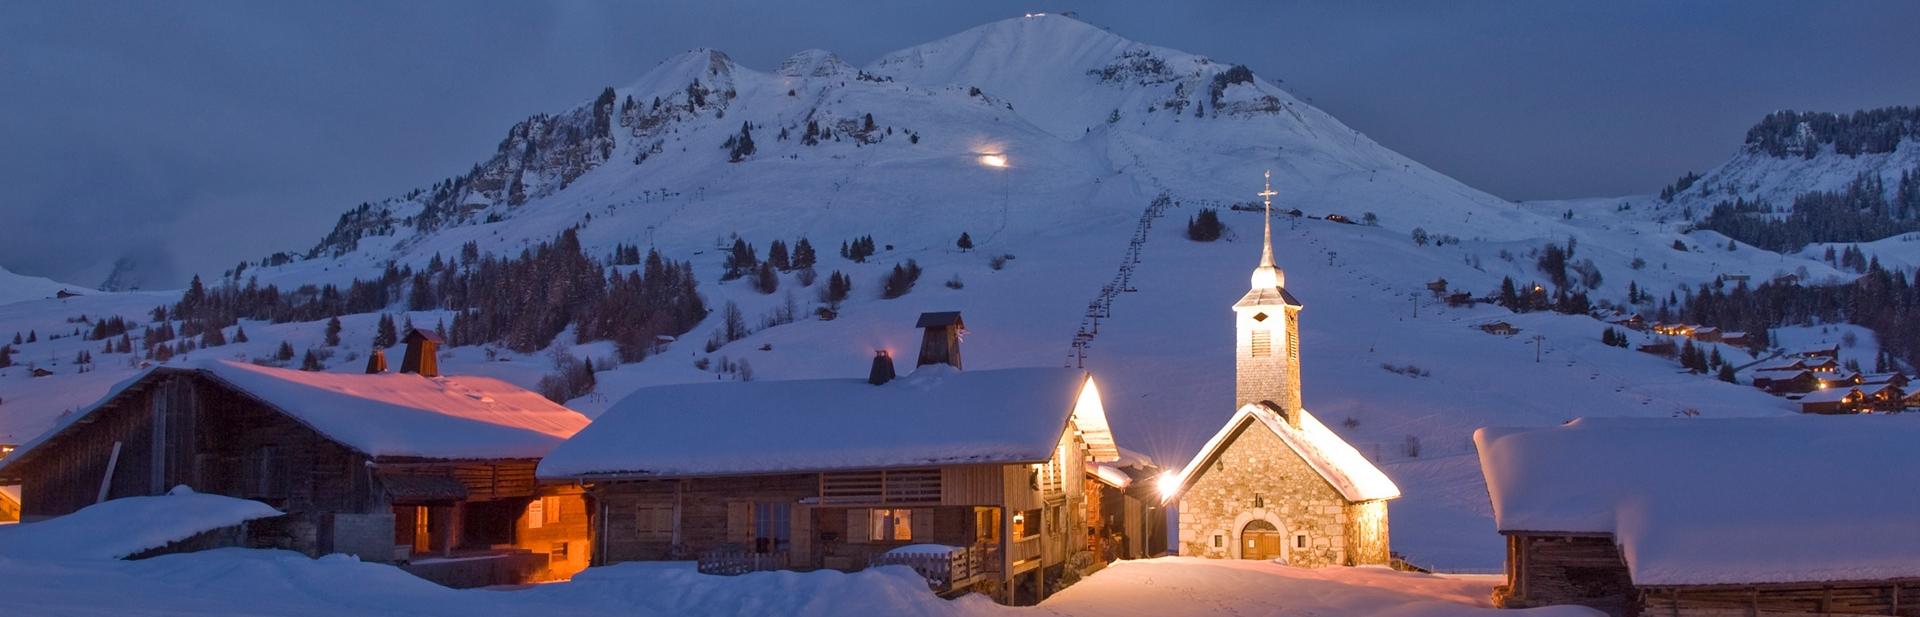 ski-h2019-ot-le-grand-bornand-alpcat-medias-34i7442-185534